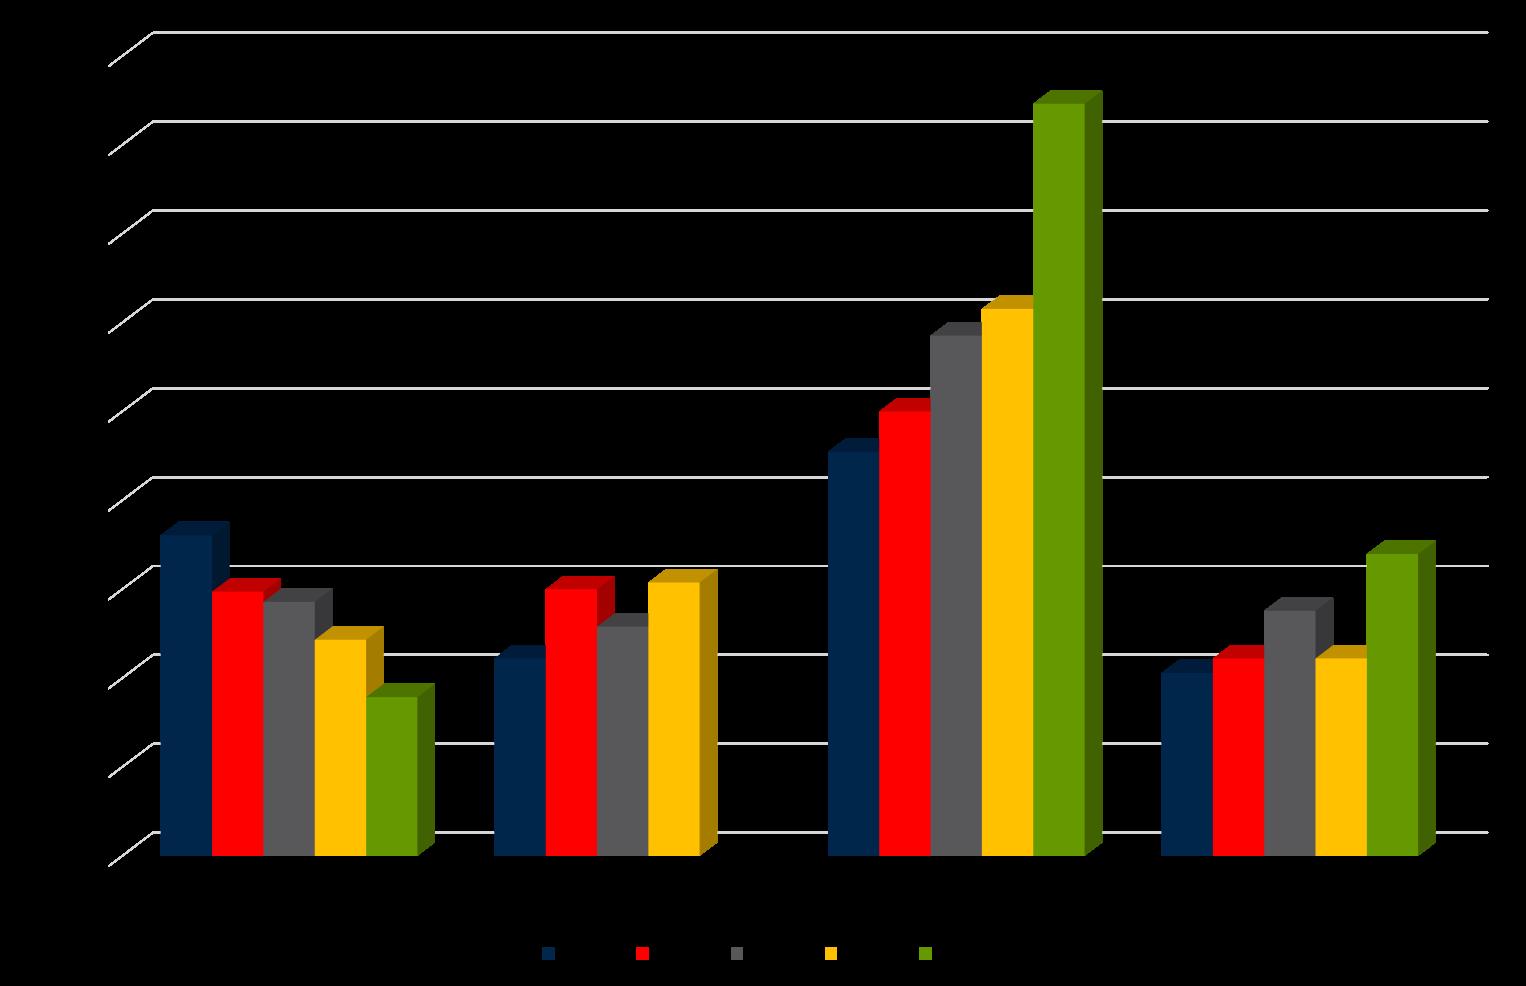 graf_clanek_psp_2010.png